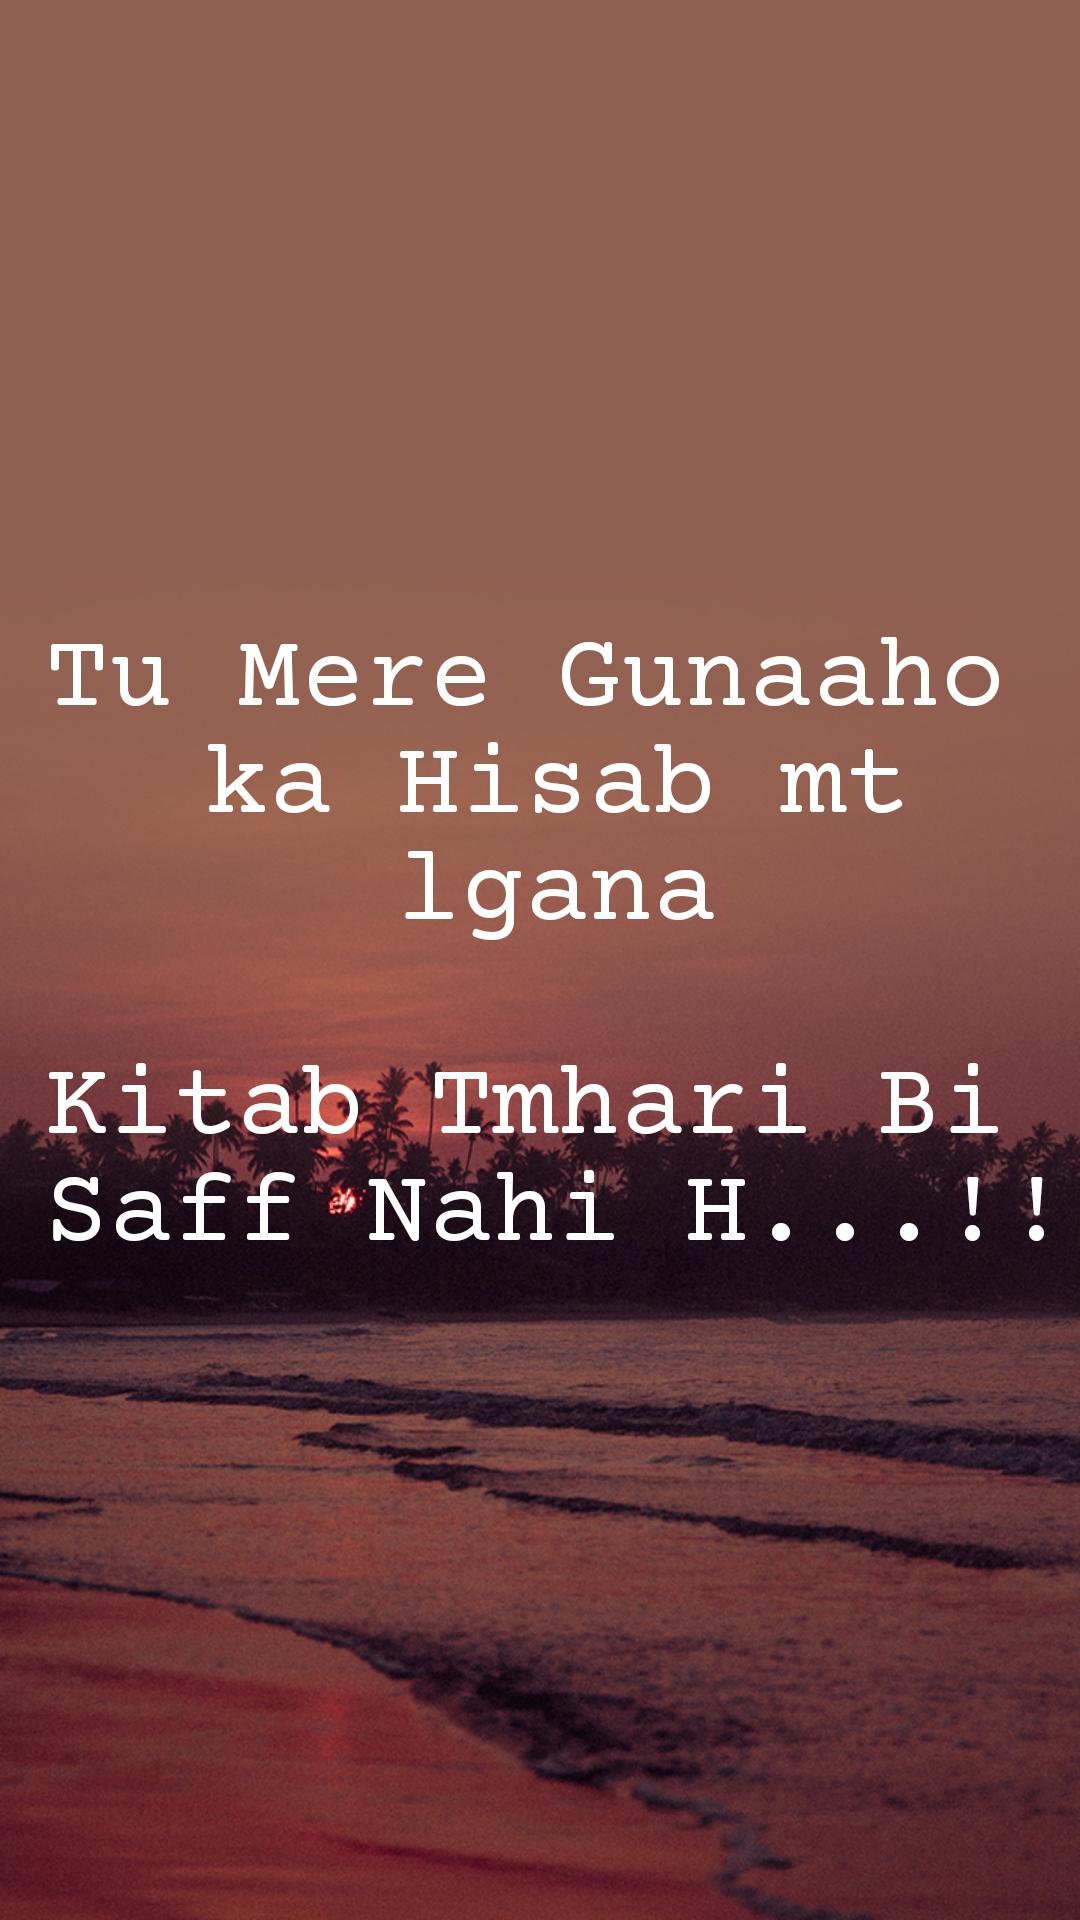 Tu Mere Gunaaho  ka Hisab mt lgana  Kitab Tmhari Bi  Saff Nahi H...!!